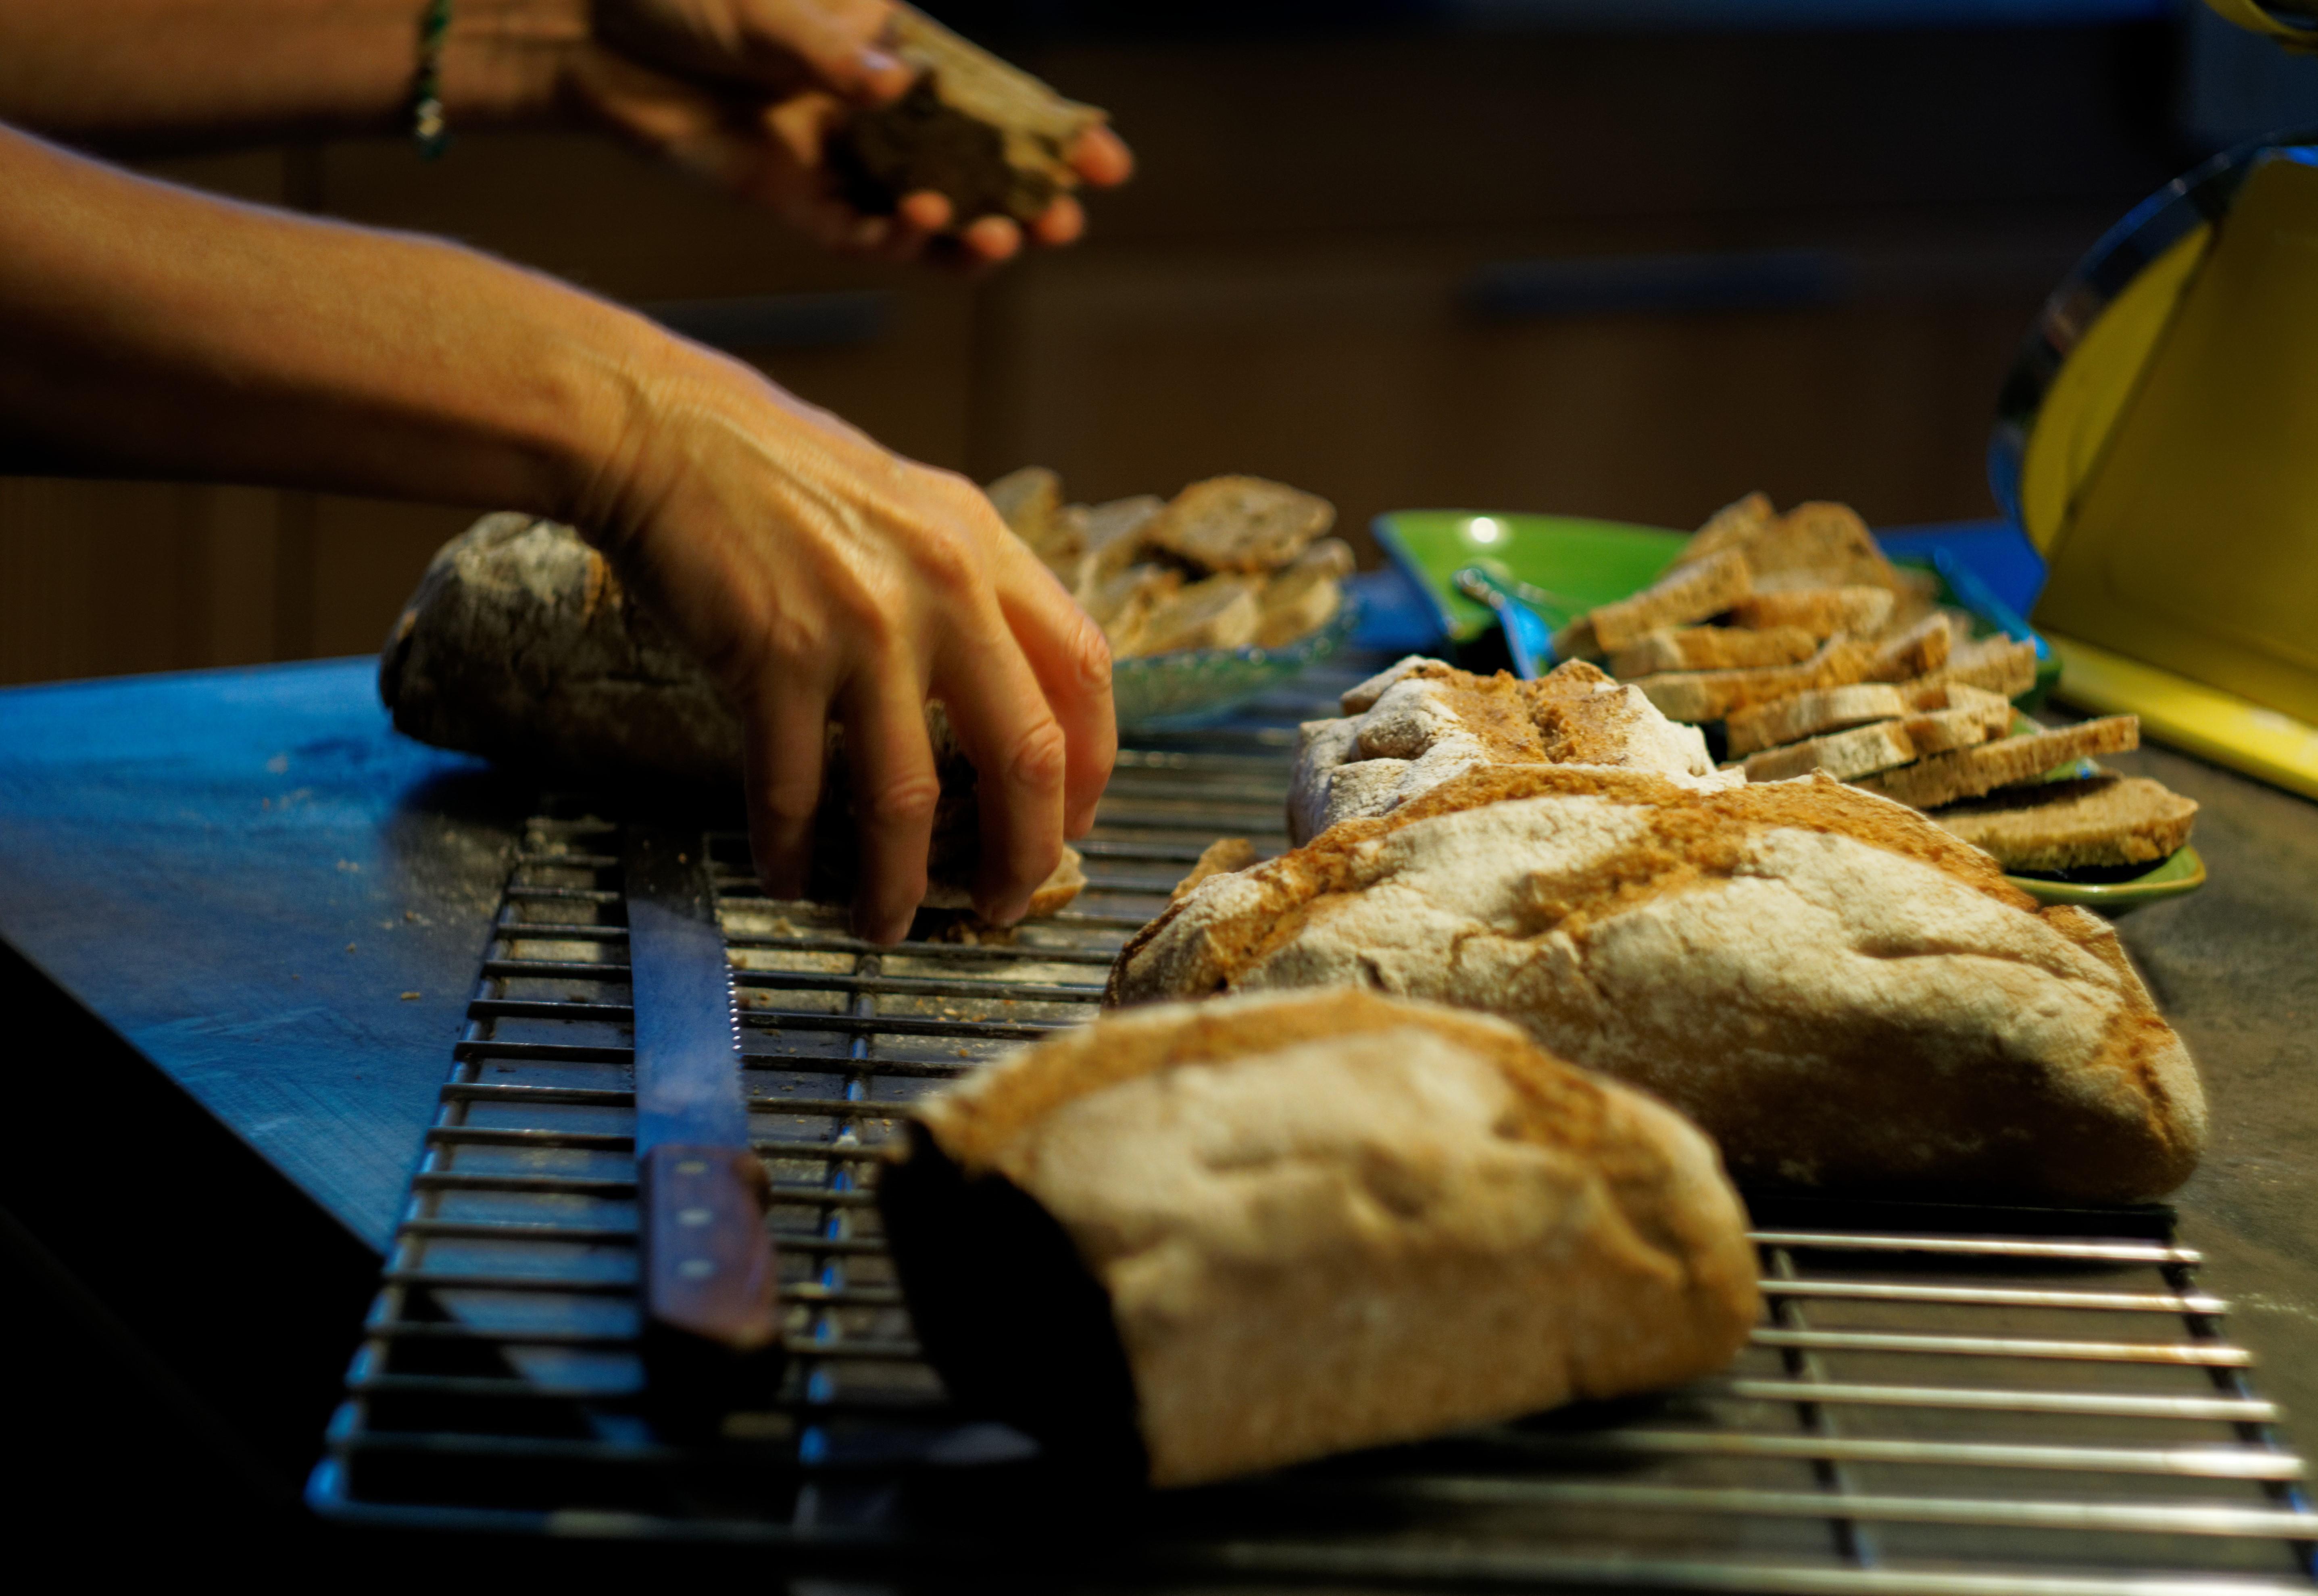 helene-propose-aussi-des-stages-de-cuisine-sur-les-differents-pains-slow-tourisme-healthy-food-aisne-thierache